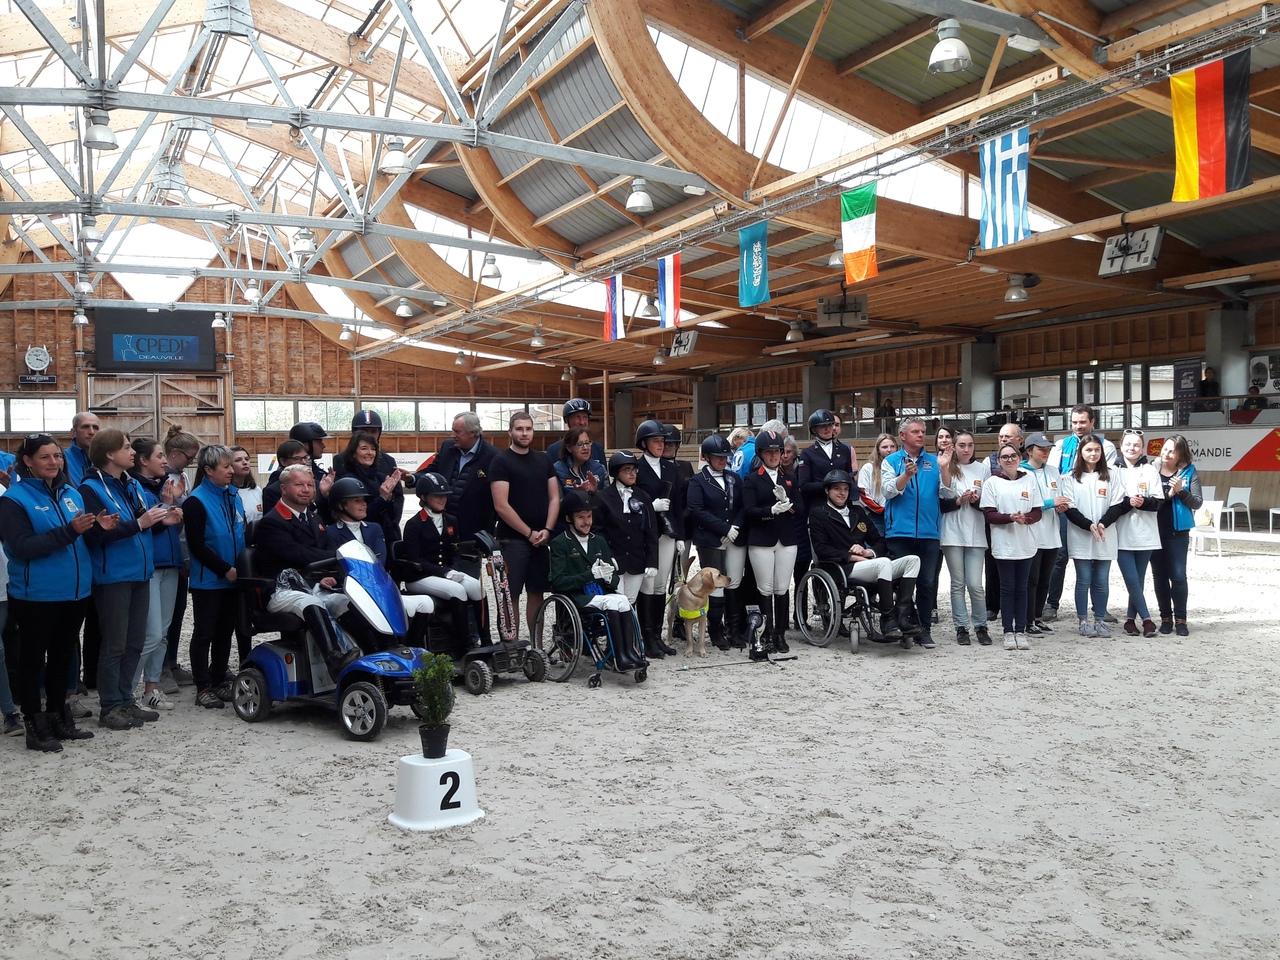 3 золотые и 3 бронзовые медали завоевала сборная команда России по конному спорту лиц с ПОДА на международных соревнованиях во Франции